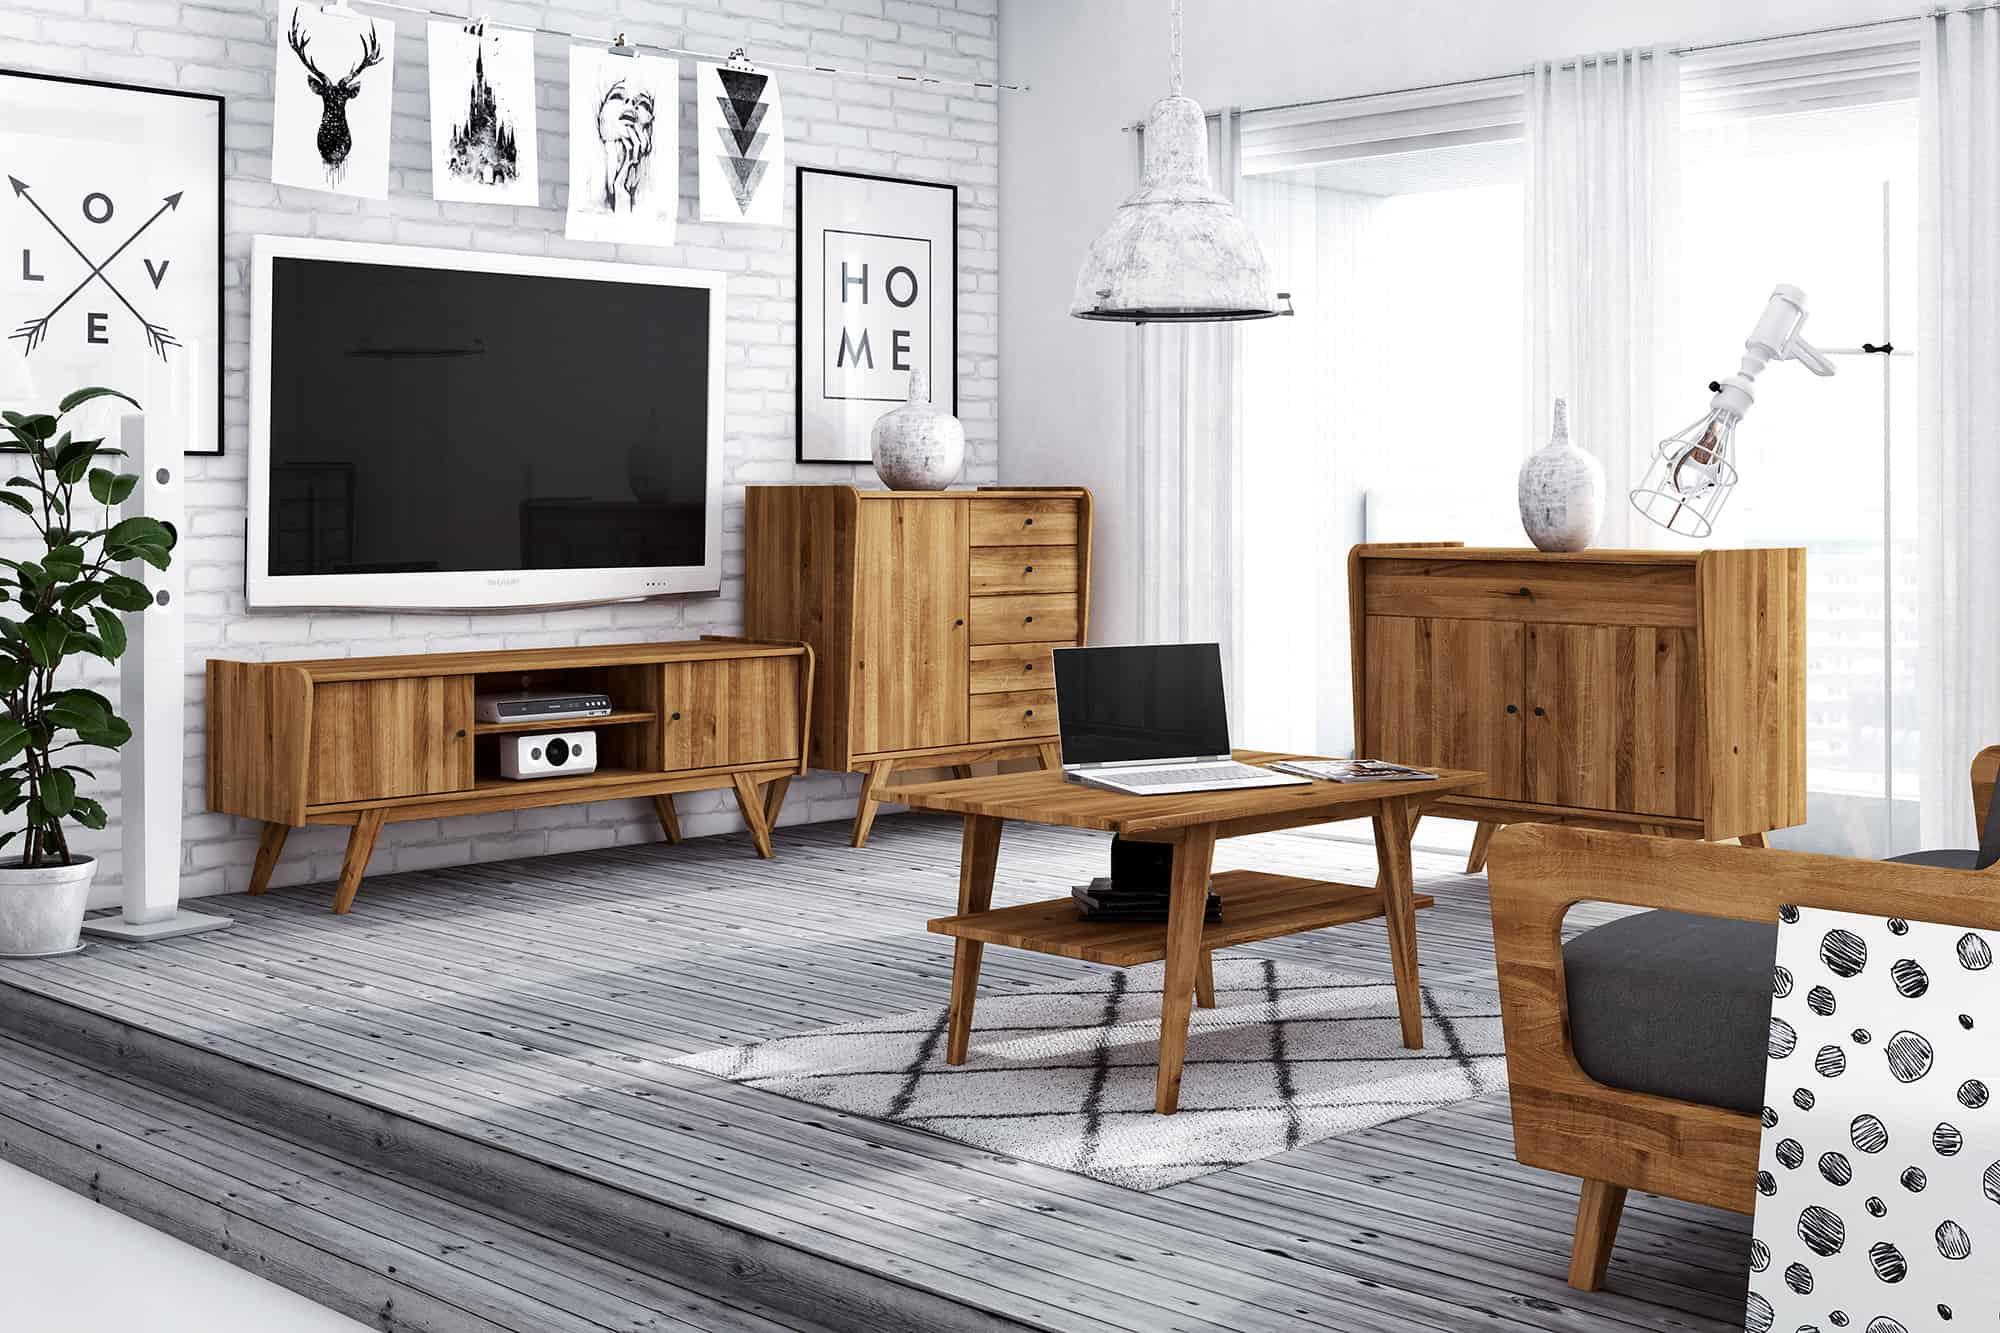 Zdjęcie 3 - RETRO - Kolekcja mebli do salonu z drewna litego